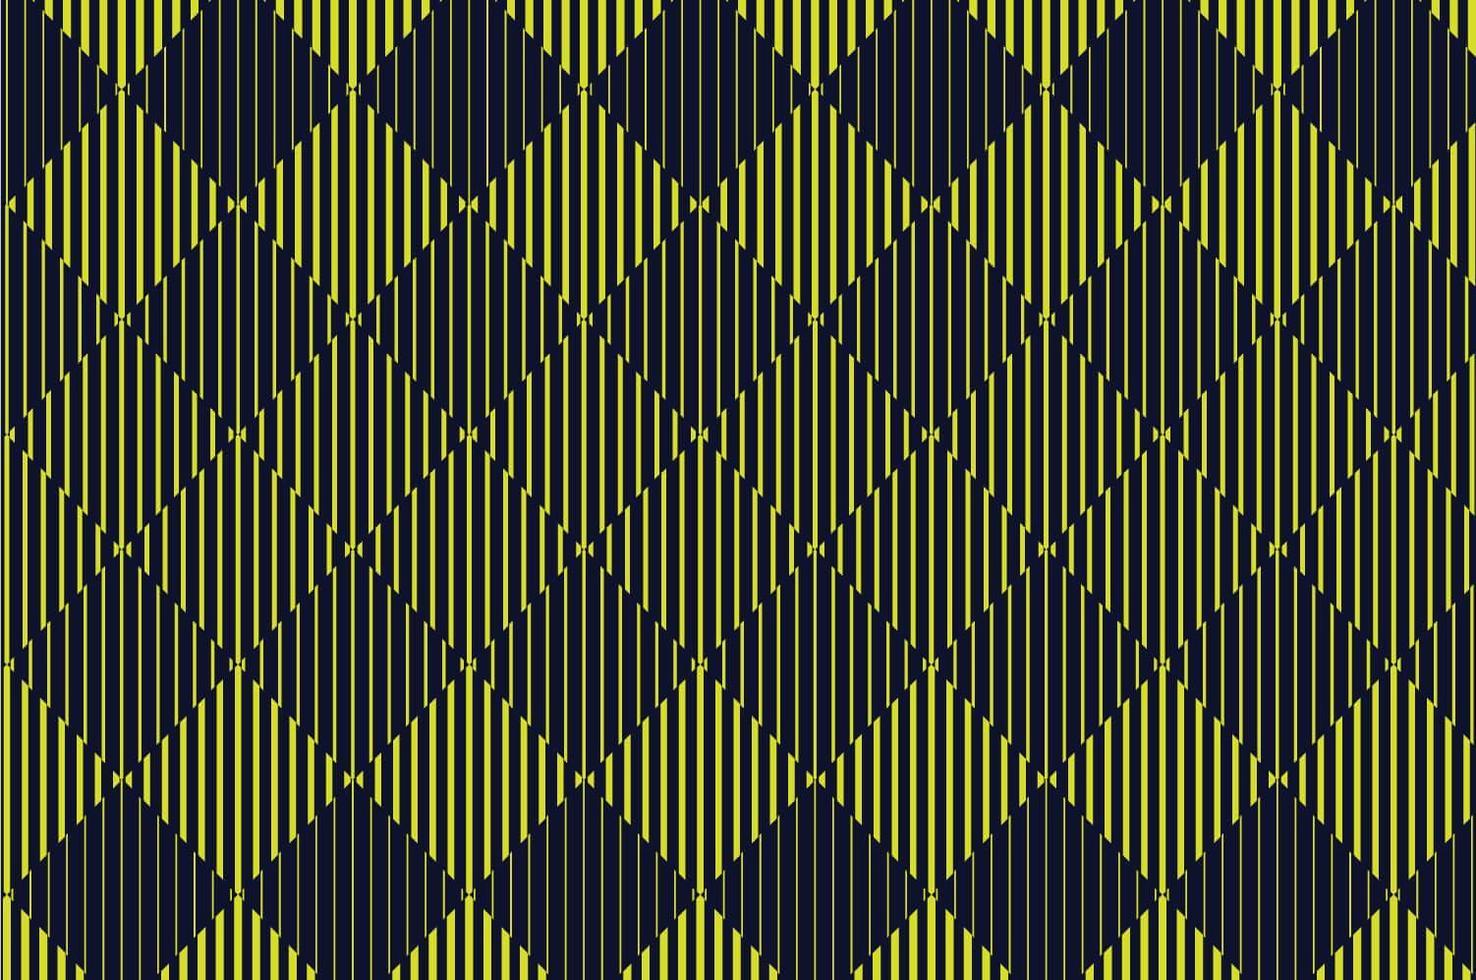 geel en zwart halftoonpatroon van de diamantlijn vector